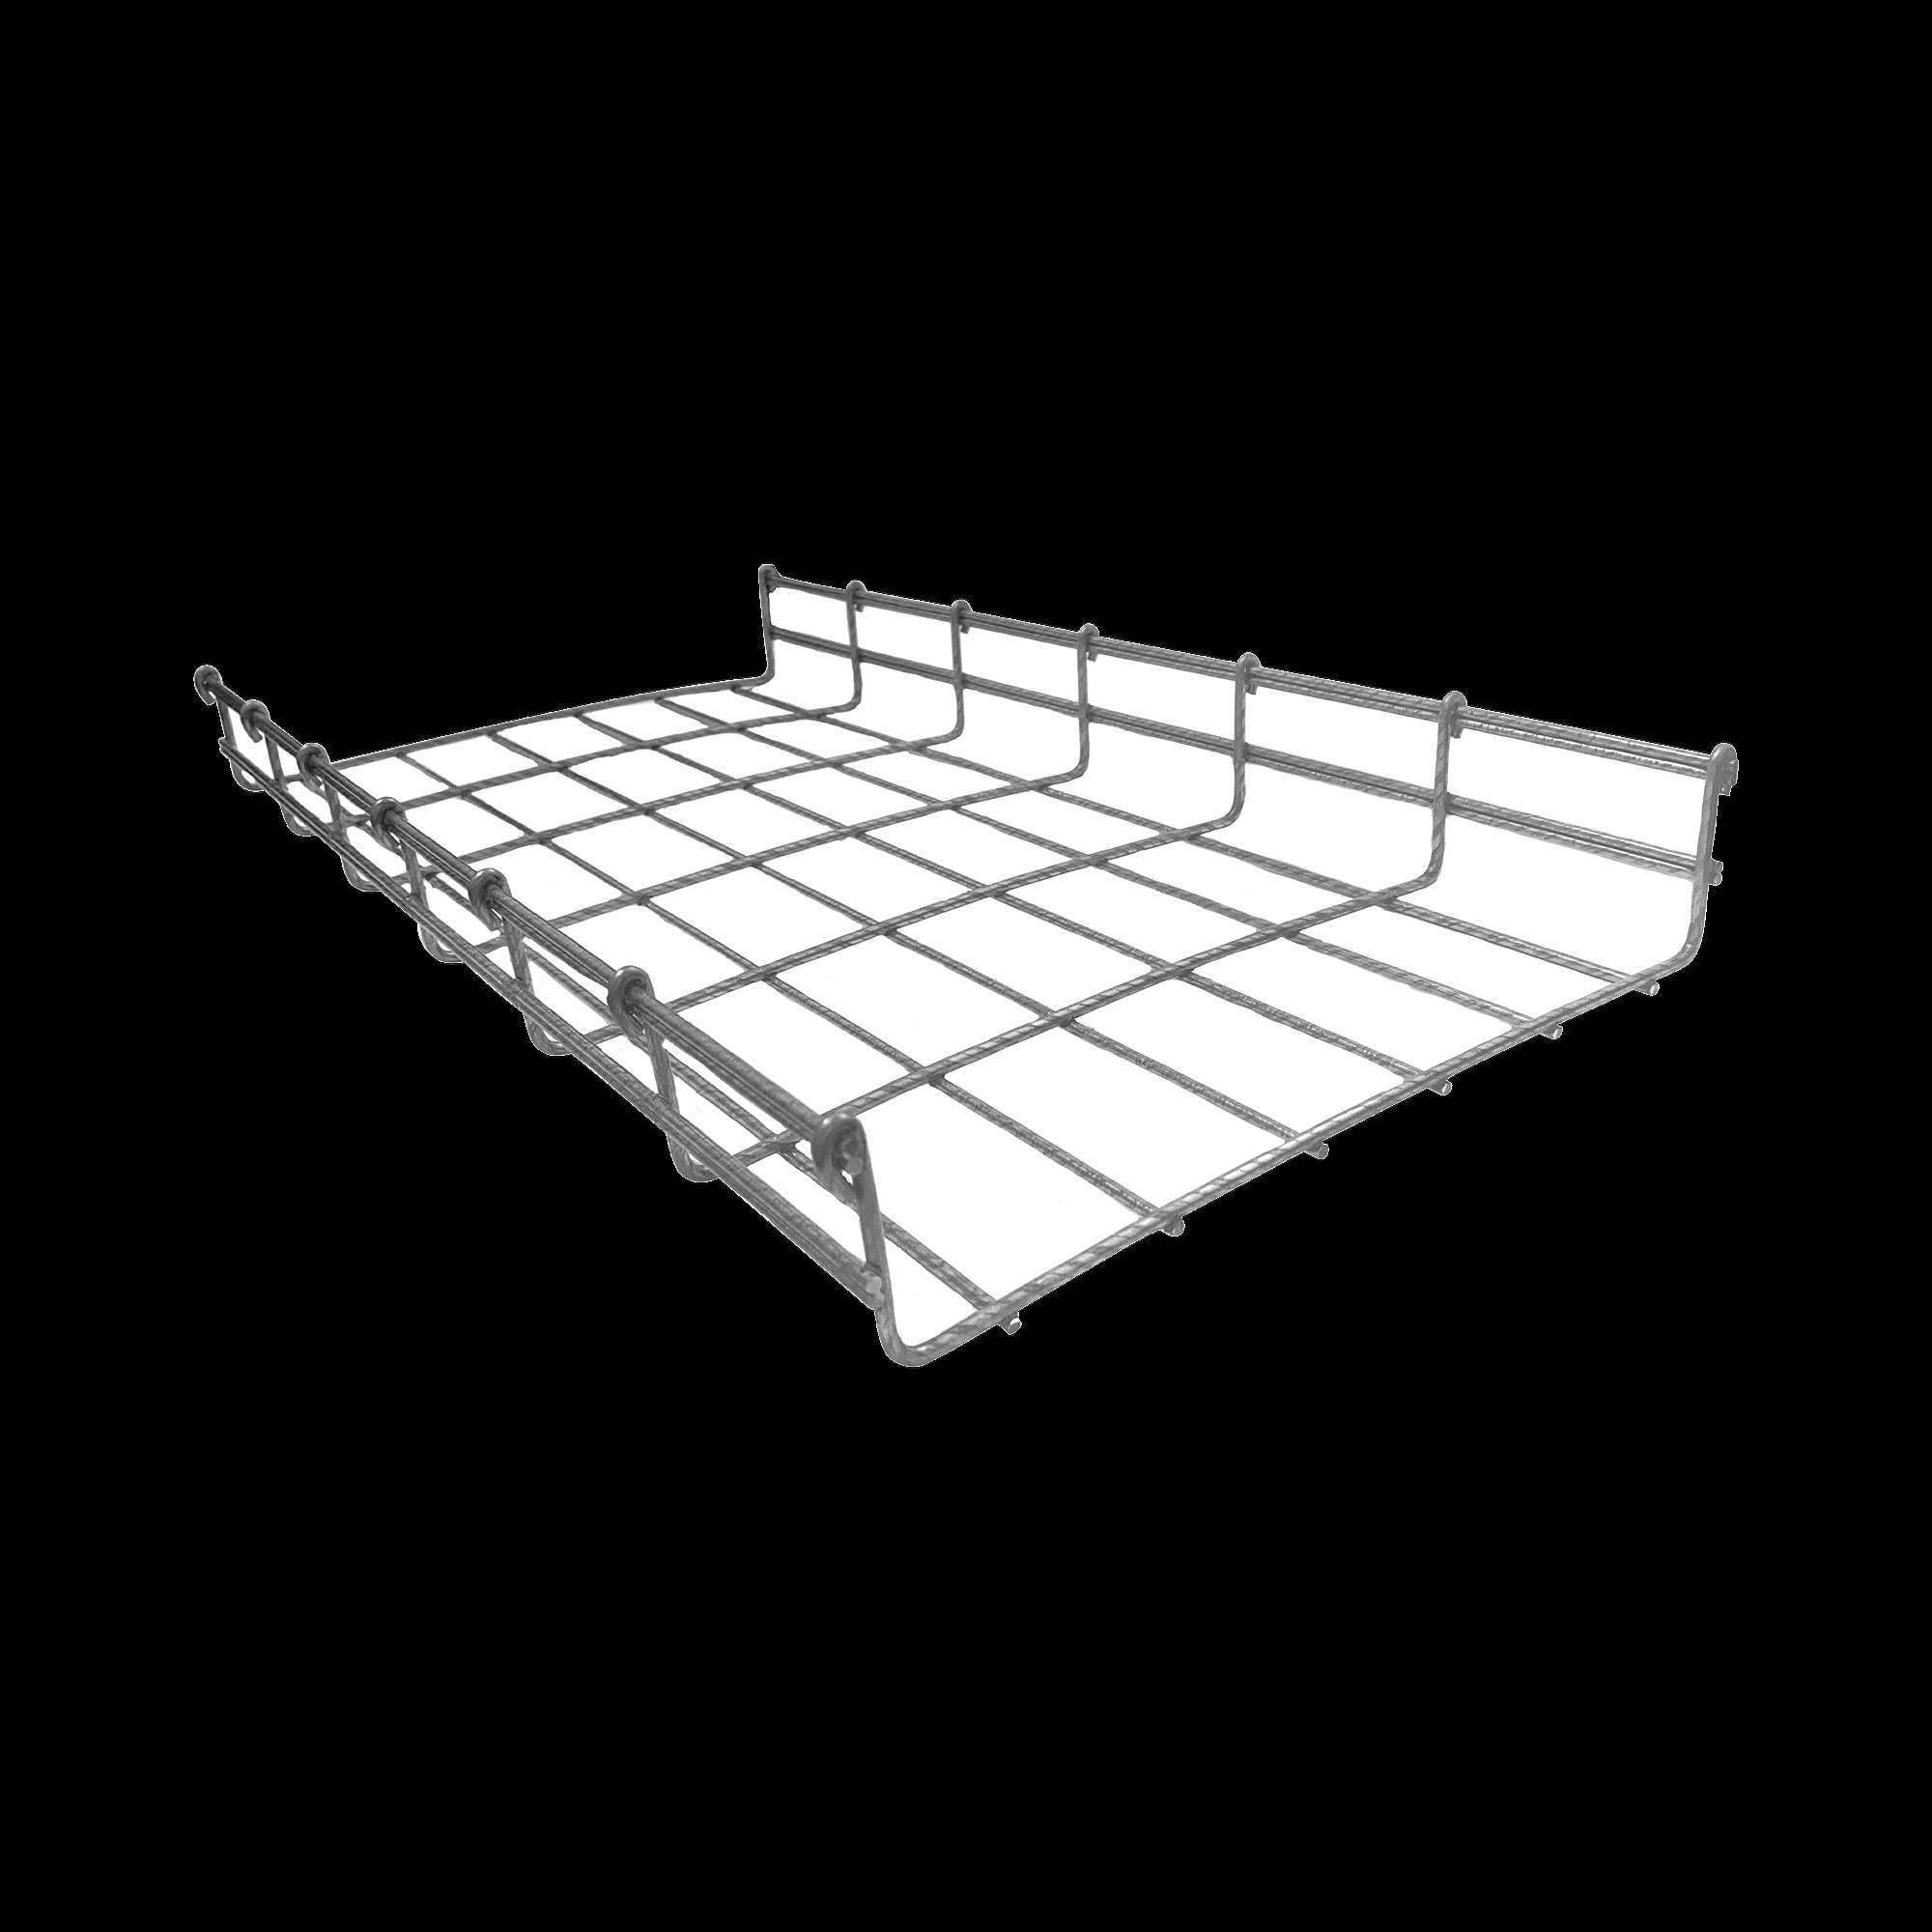 Charola tipo malla 66/300 mm BIMETáLICA para Instalación en Exterior o Interior, Extrema Resistencia y Durabilidad. Hasta 315 cables Cat6 (Tramo de 3 metros)